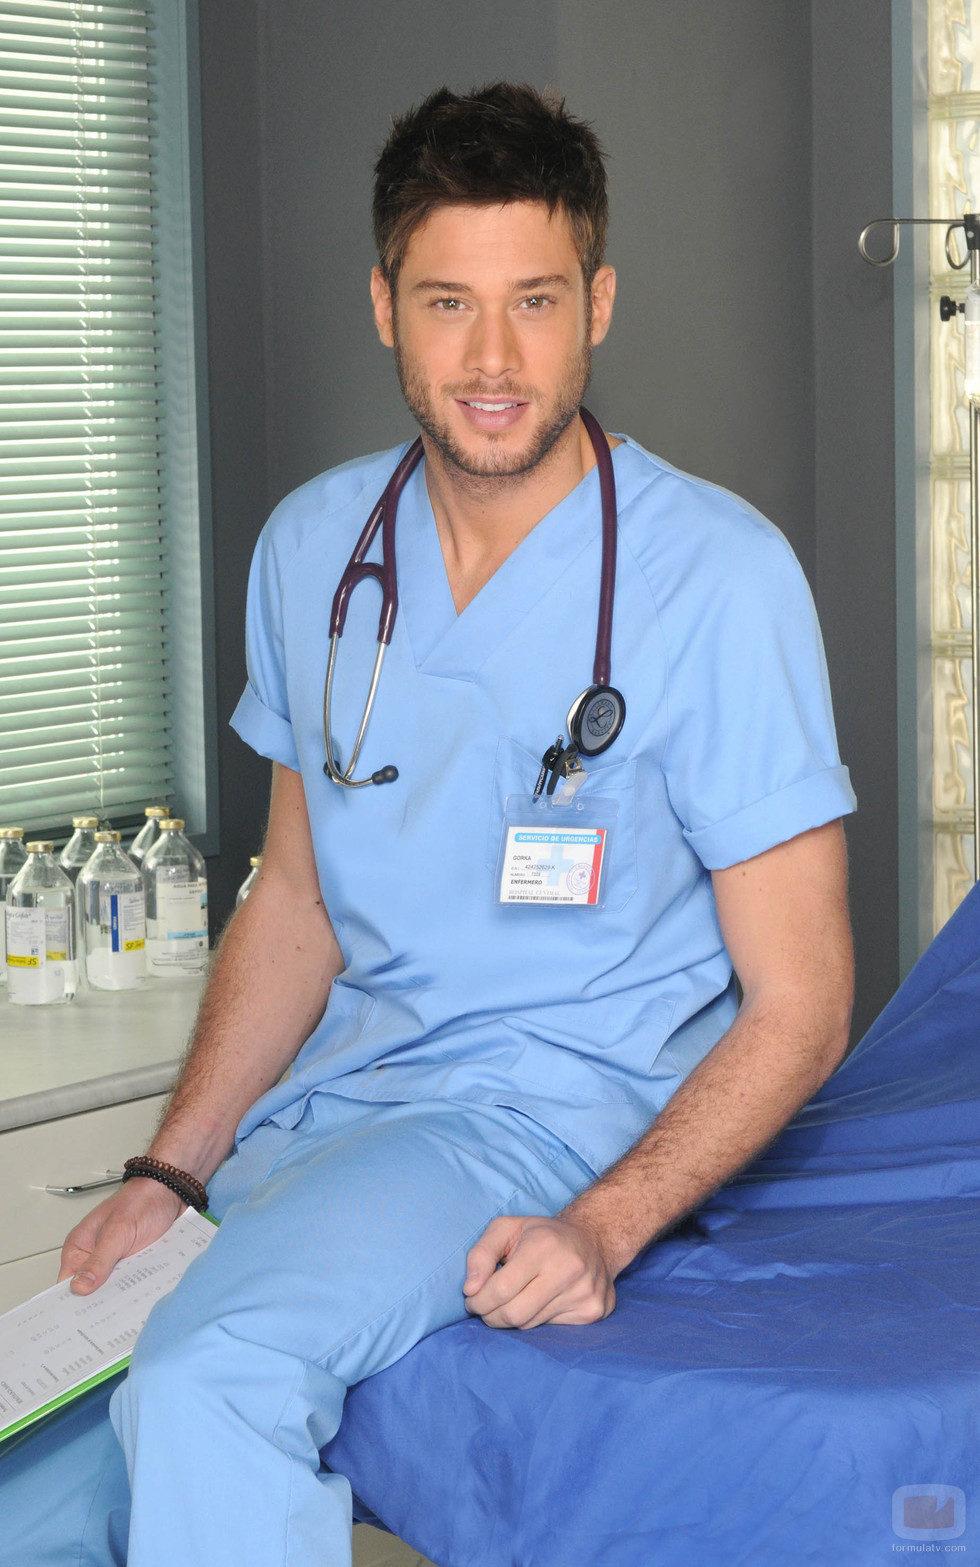 http://www.formulatv.com/images/fgaleria/30900/30923_jose-lamuno-temporada-20-hospital-central.jpg